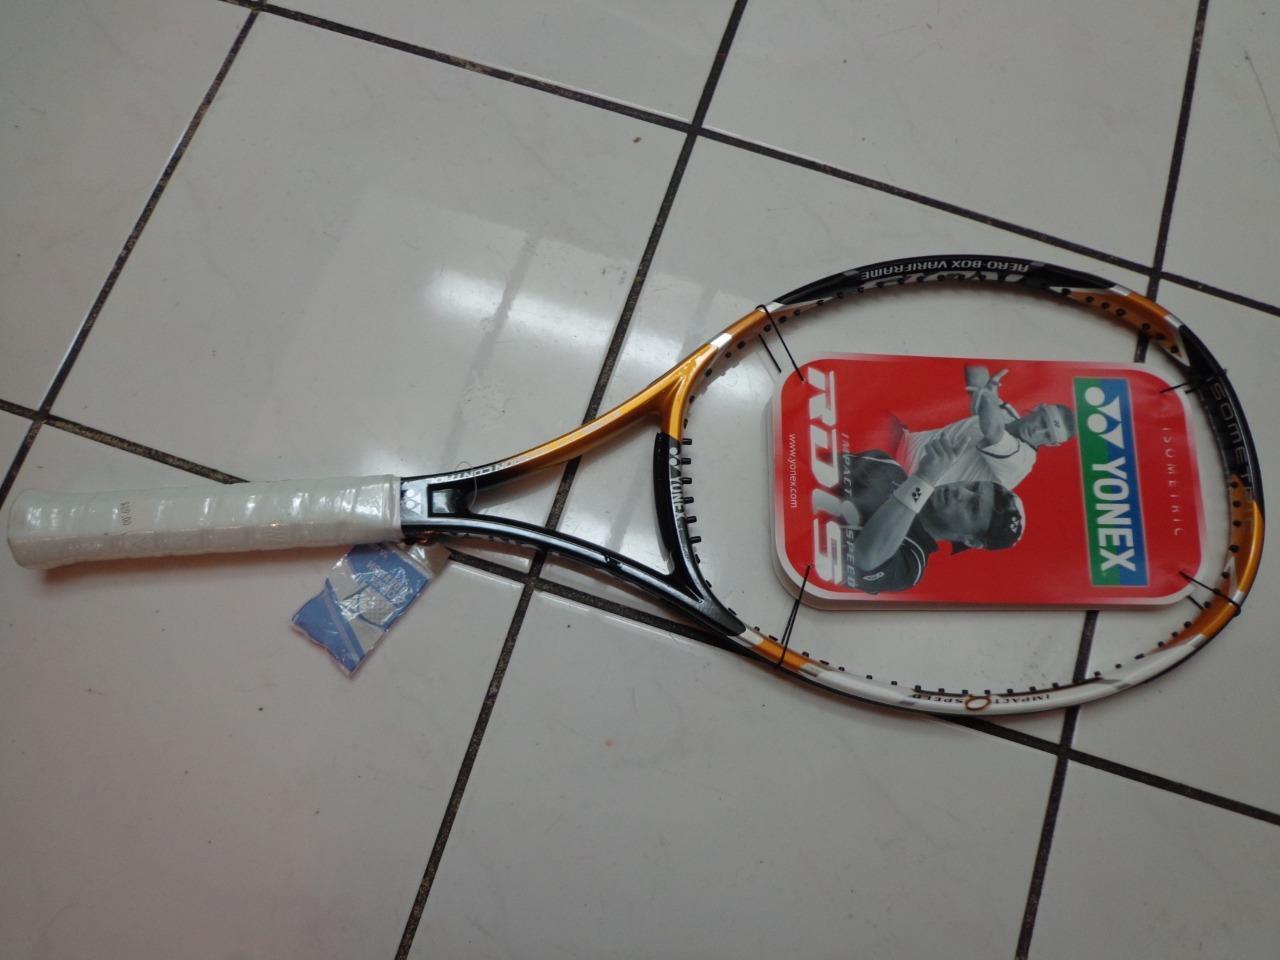 NEW Yonex RD IS 200 98 head 4 1 2 grip Tennis Racquet